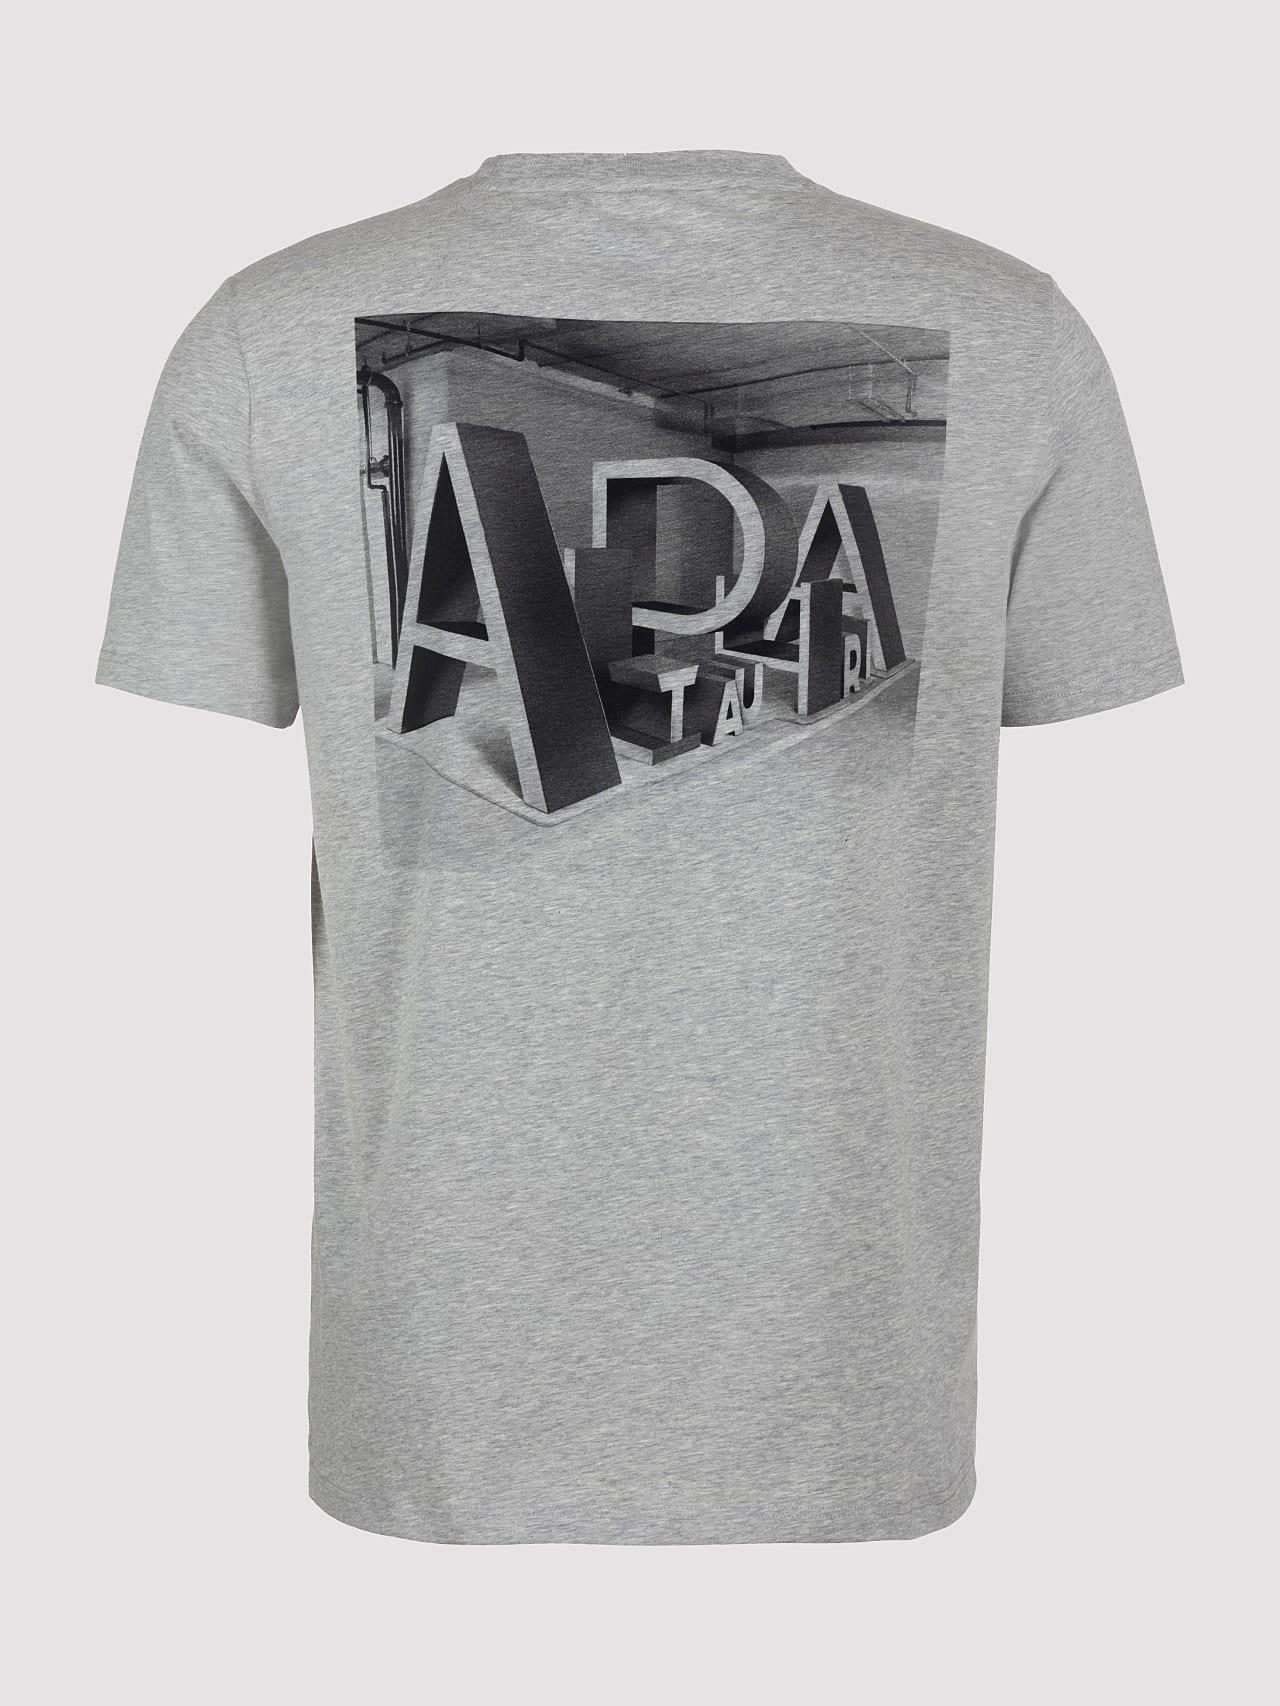 JALIP V1.Y5.01 Cotton Crew-Neck T-Shirt grey / melange Left Alpha Tauri